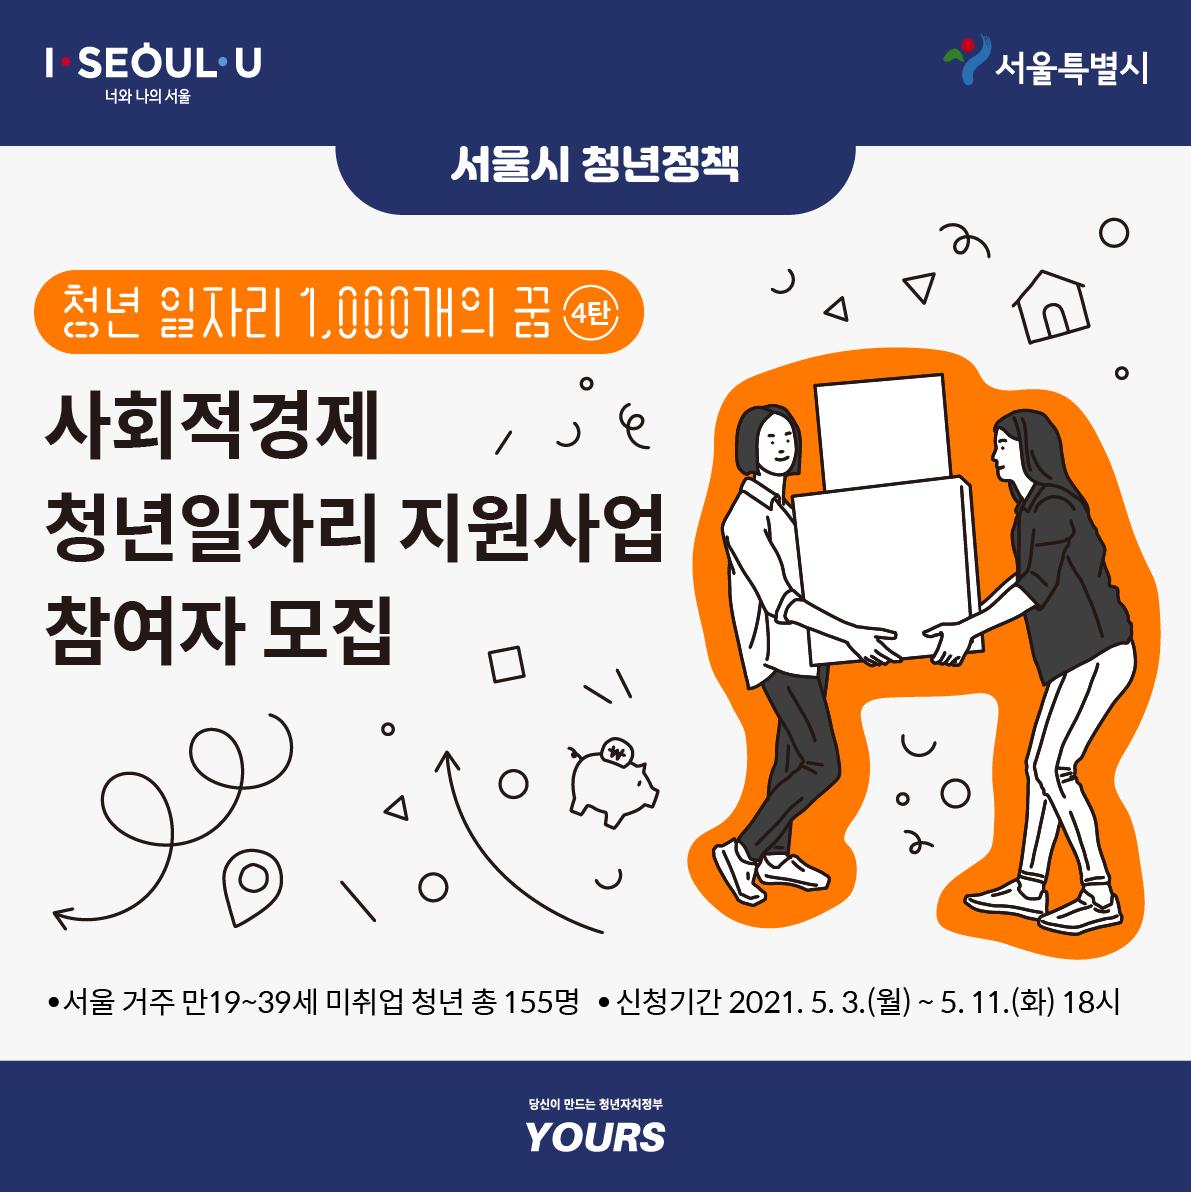 청년일자리_4탄사회적경제_카드뉴스_1.png